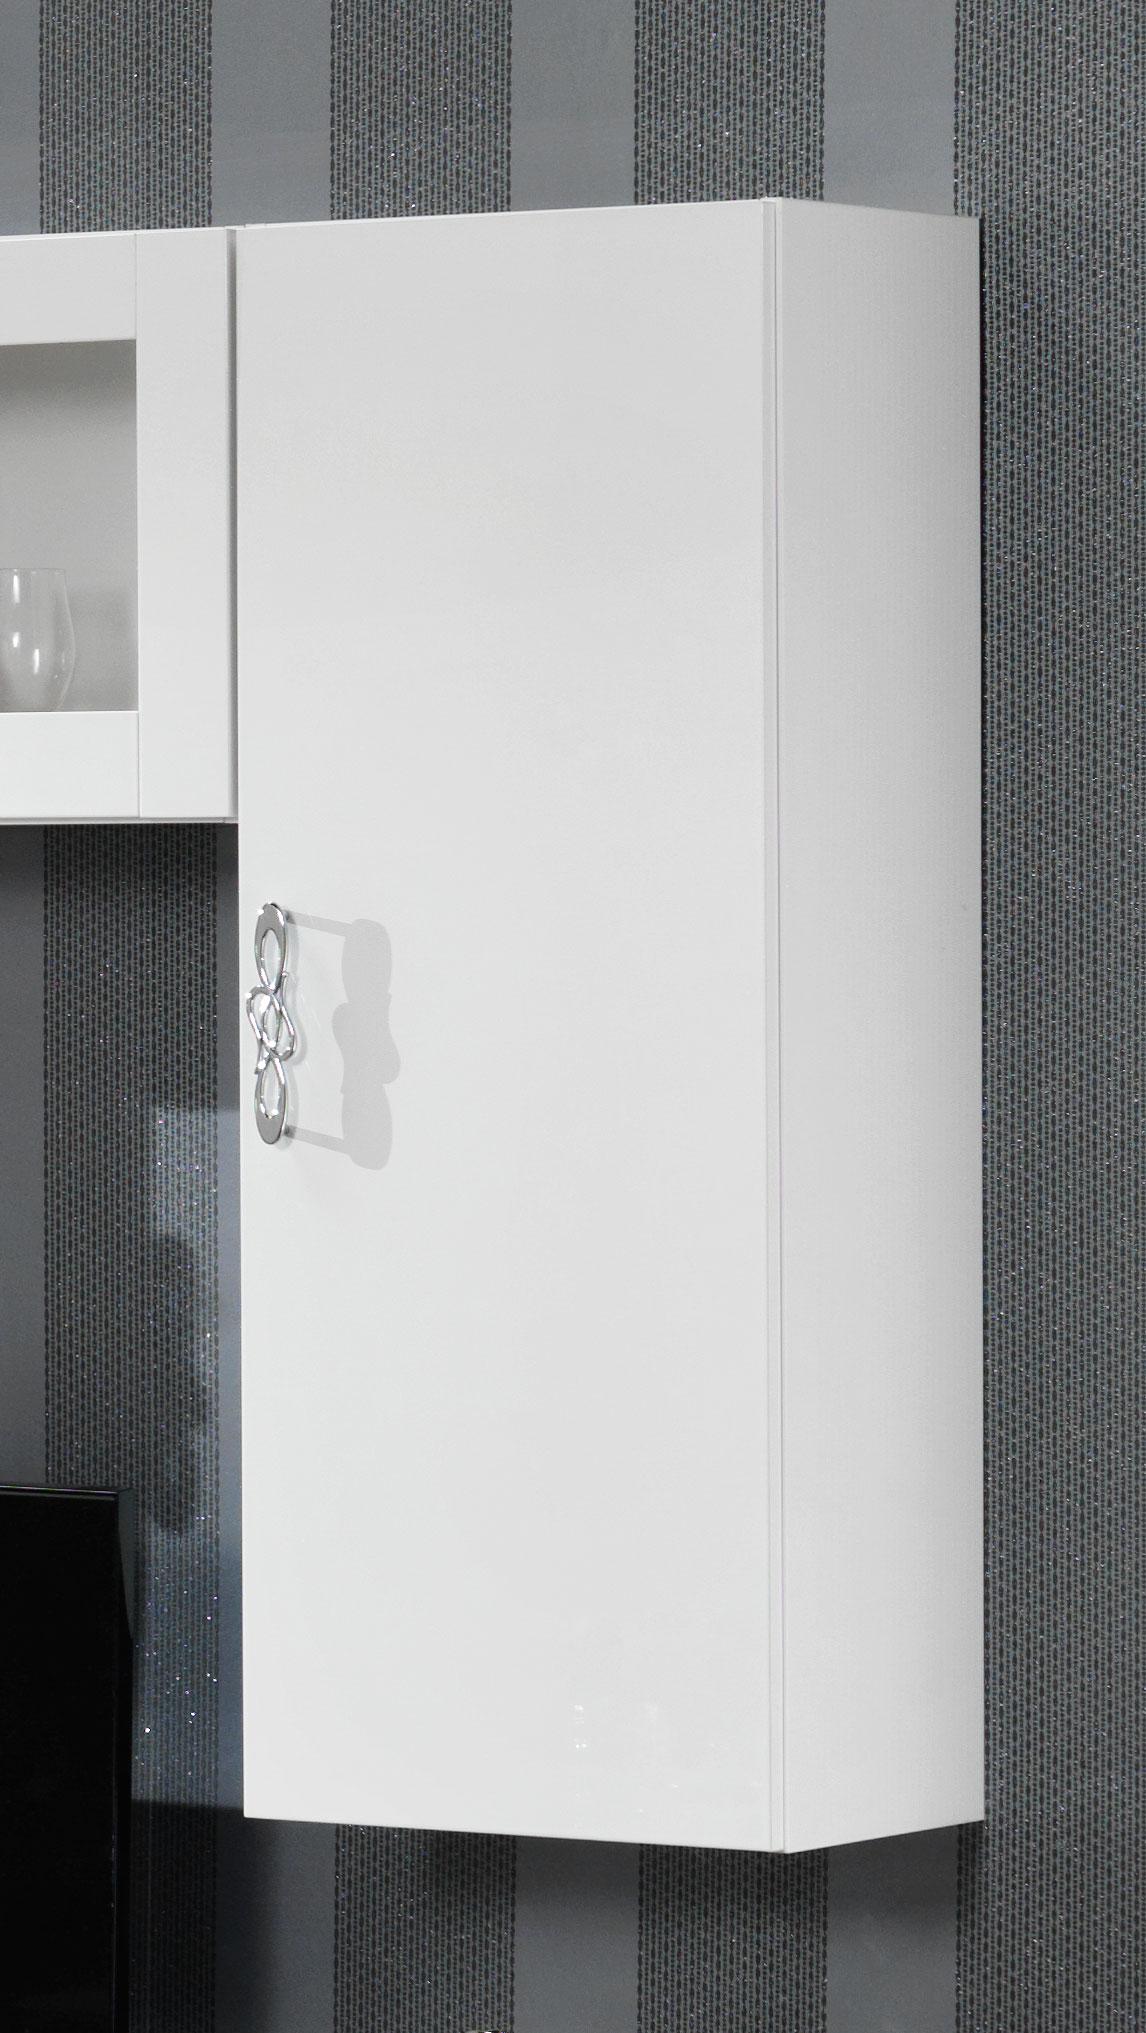 meuble de rangement suspendu design laque blanc horus matelpro